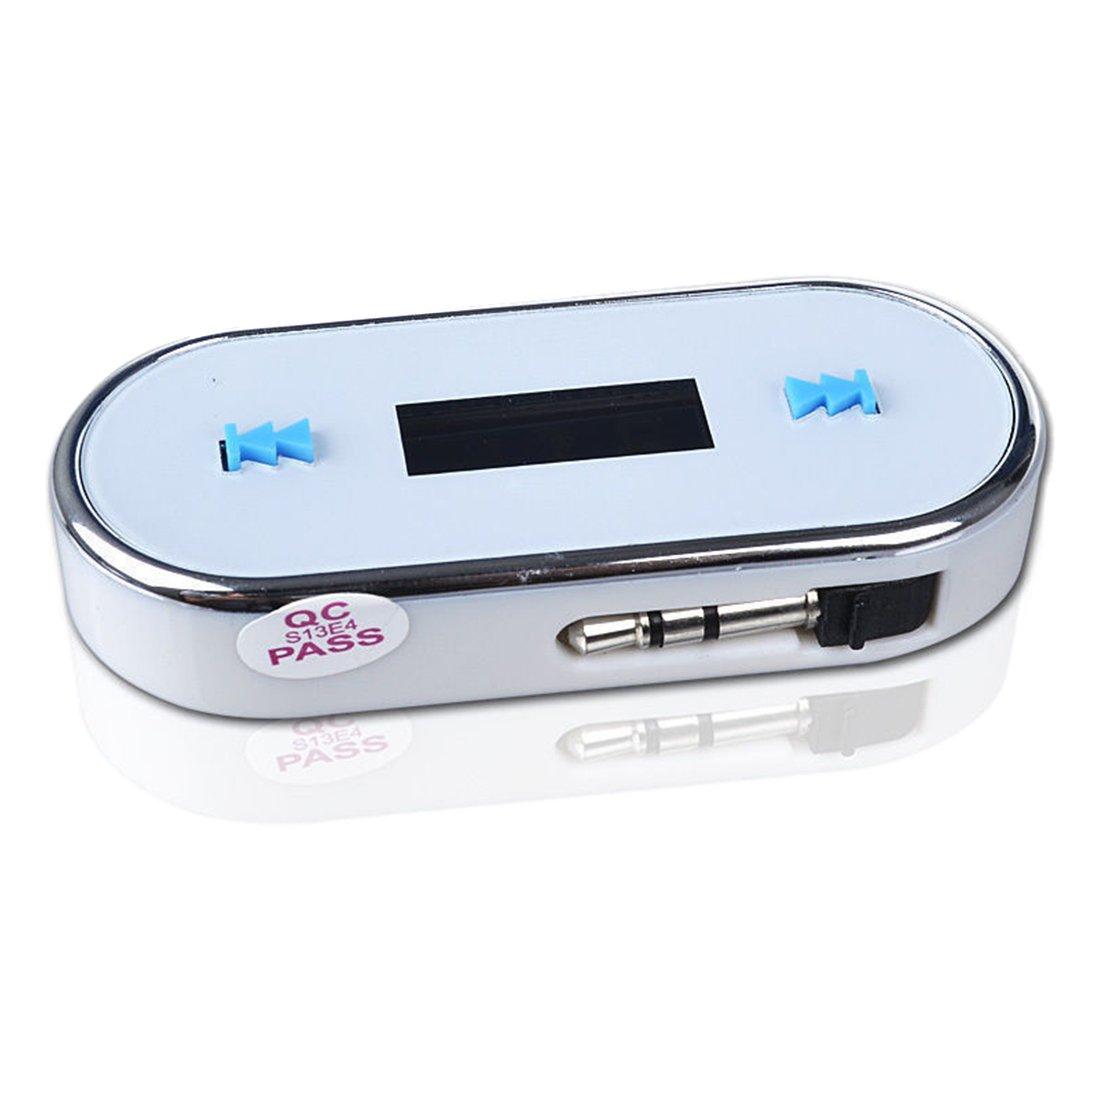 TOOGOOワイヤレスBluetoothカーキットFMトランスミッターmp3 USB LCDハンズフリーfor携帯電話 B078X6ZPK1